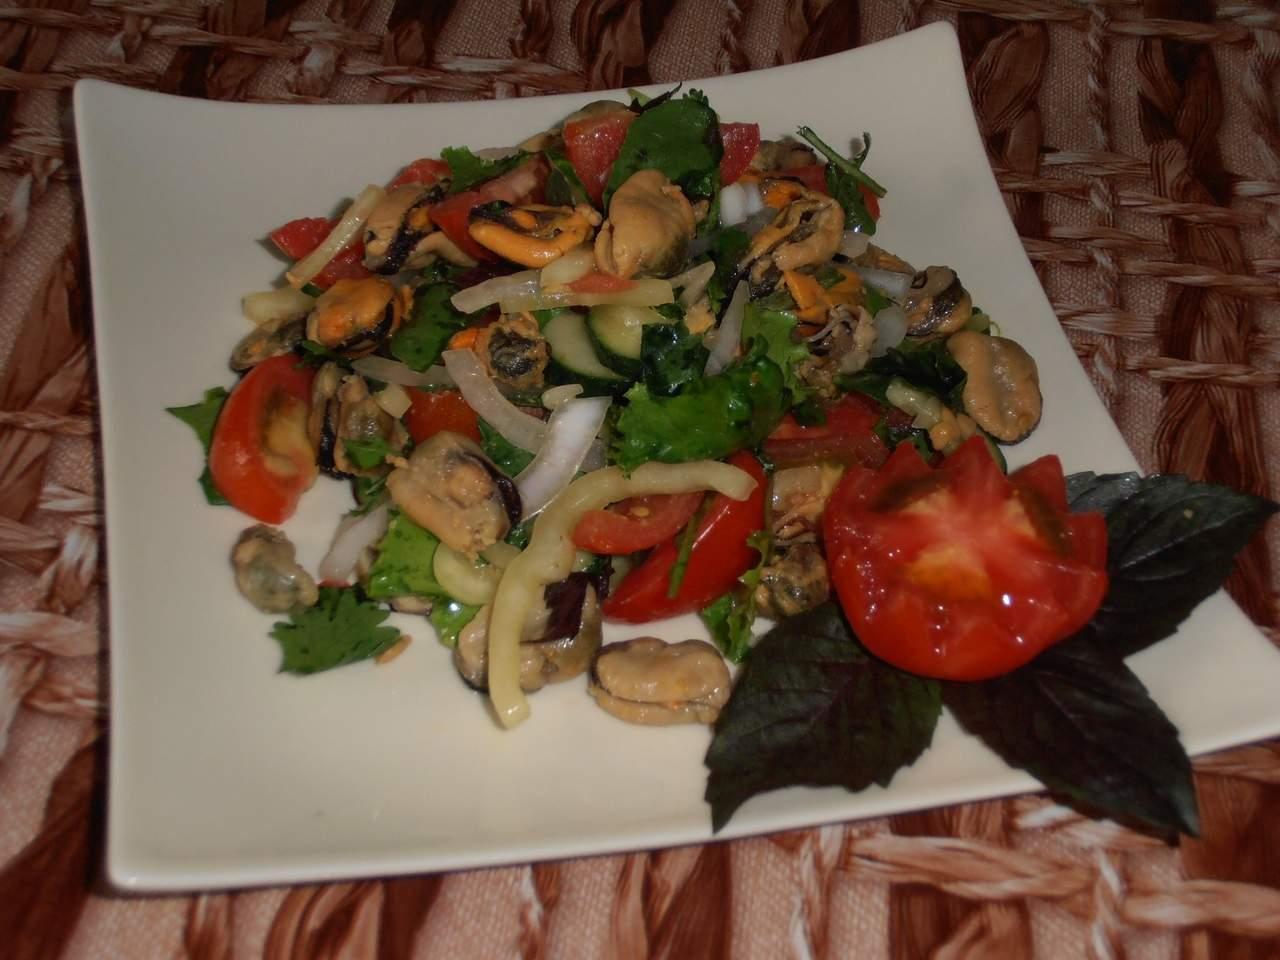 вкусный салат из коктейля морепродуктов рецепт с фото